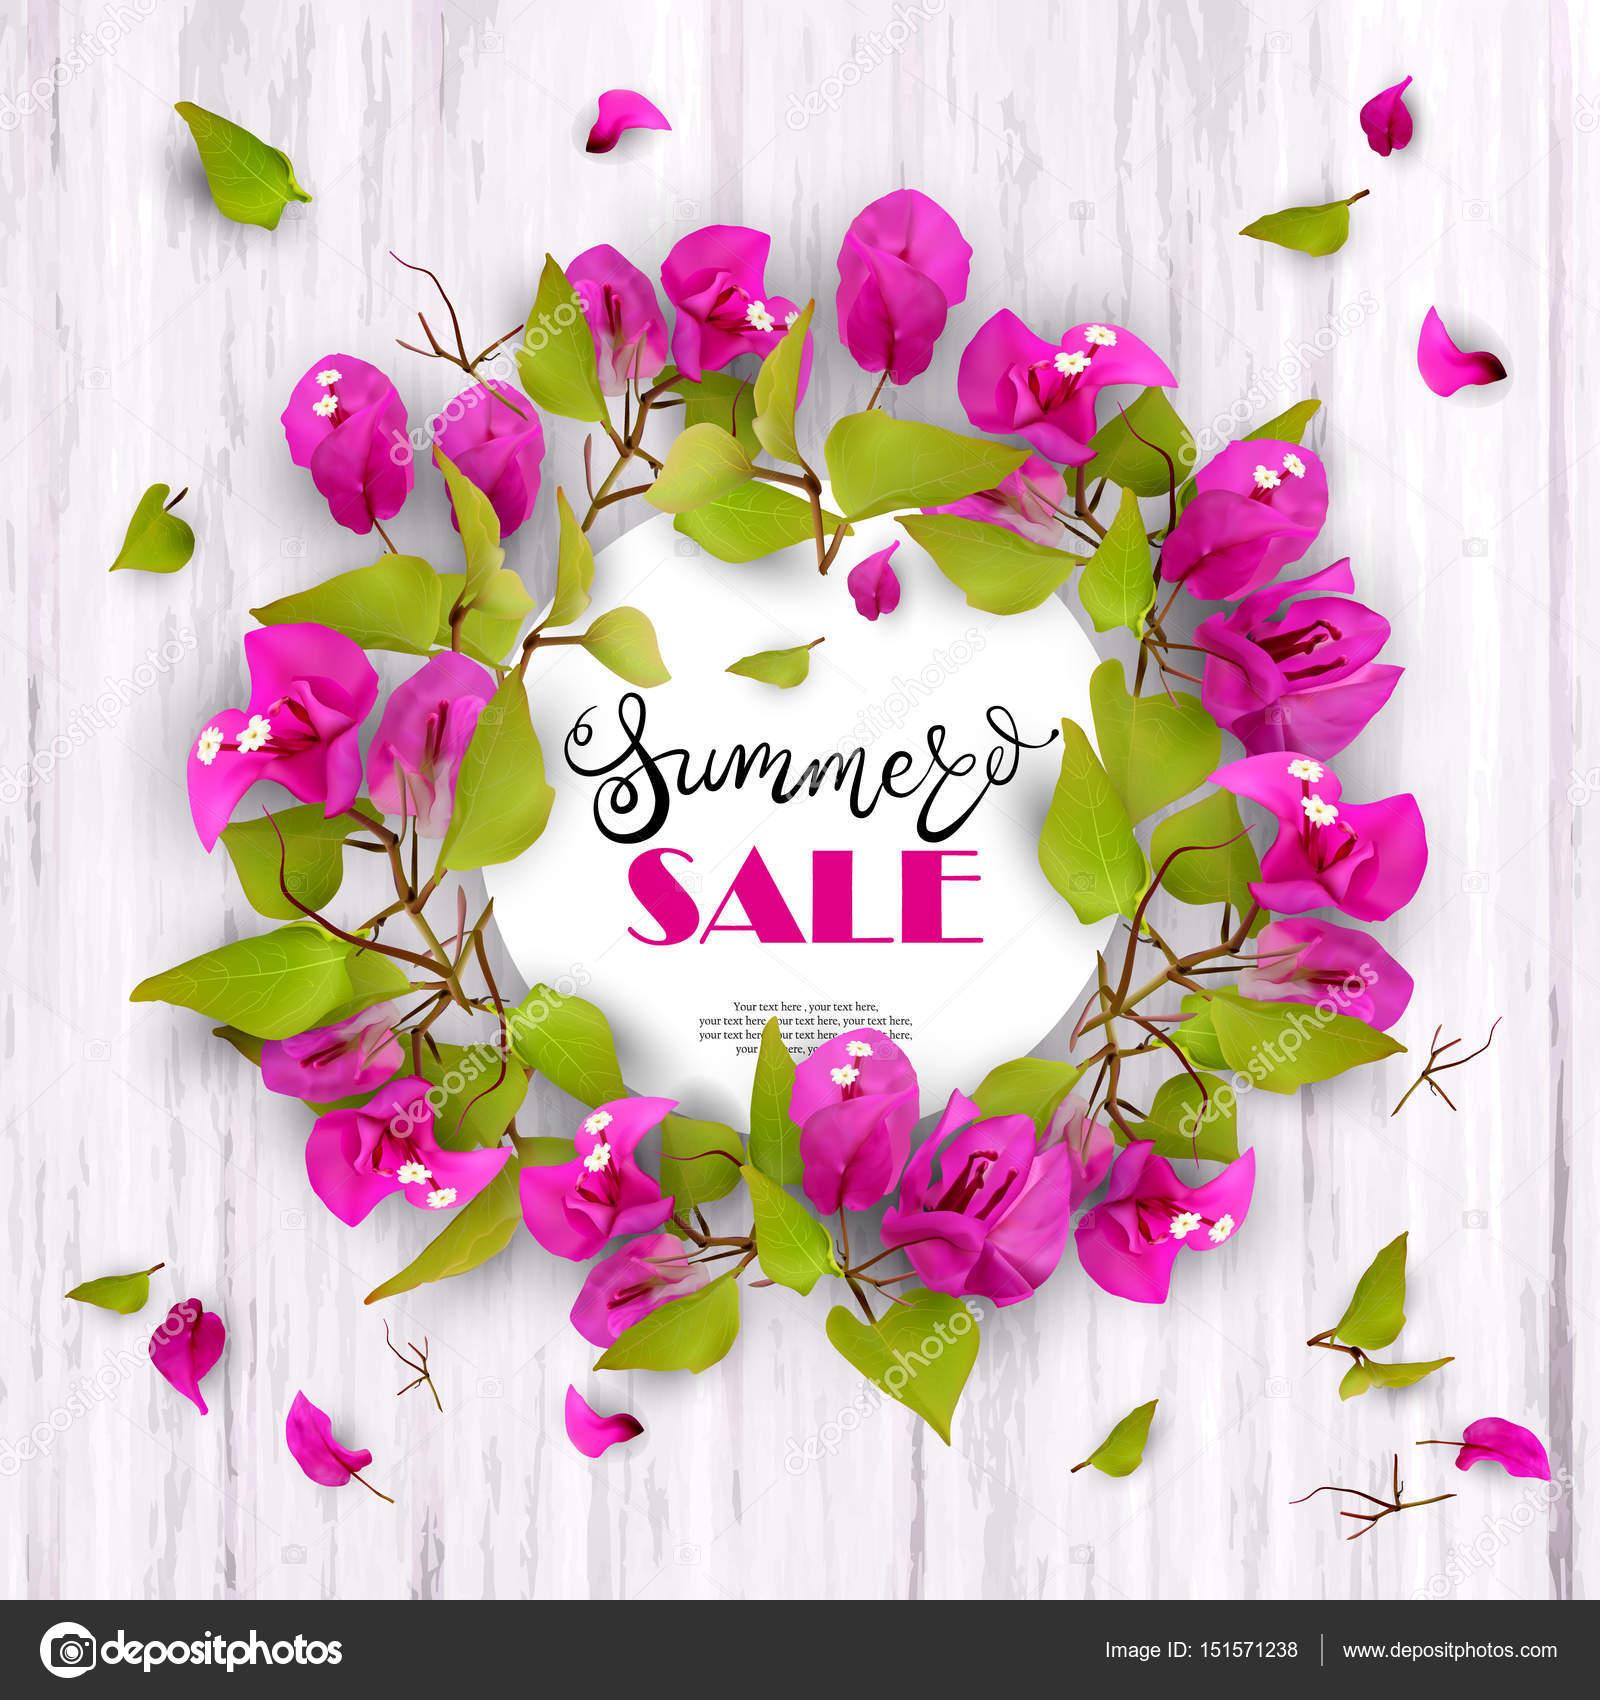 Summer sale discount concept tropical flowers 09 stok vektr 3d yaz satlk ndirimler sezon sonu arka plan tropik iekler begonvil ile reklam ve kar ahap beyaz yaz kavram vektr izim smska vektr izmirmasajfo